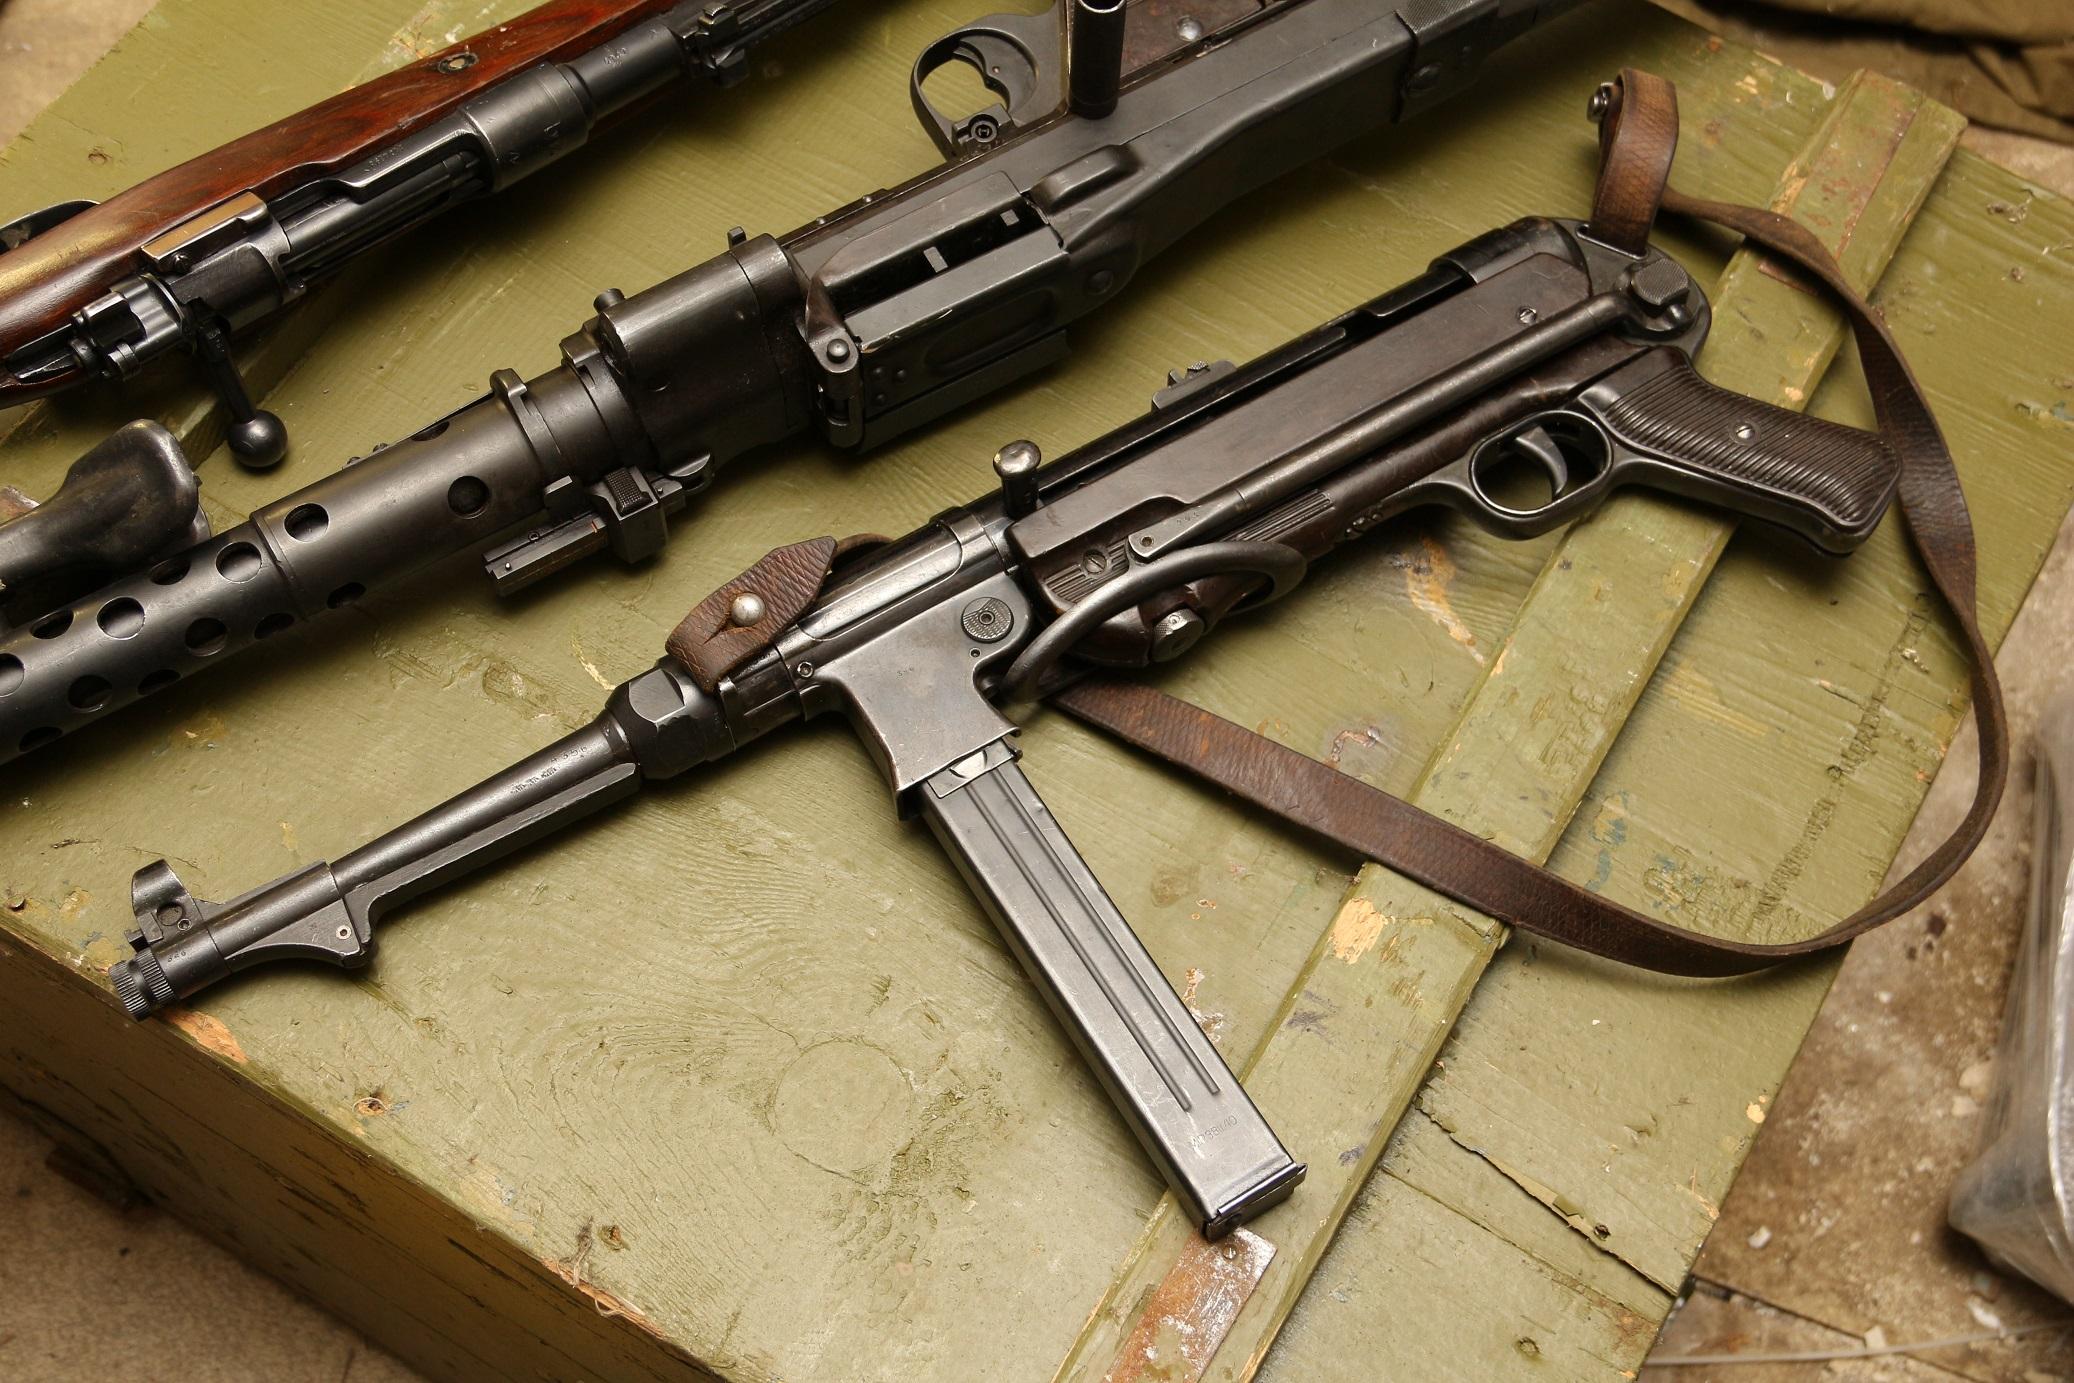 Немецкий пистолет-пулемет MP40 завод 660 Steyr-Daimler Puch, Steyr, Austria, 1940 год #4356